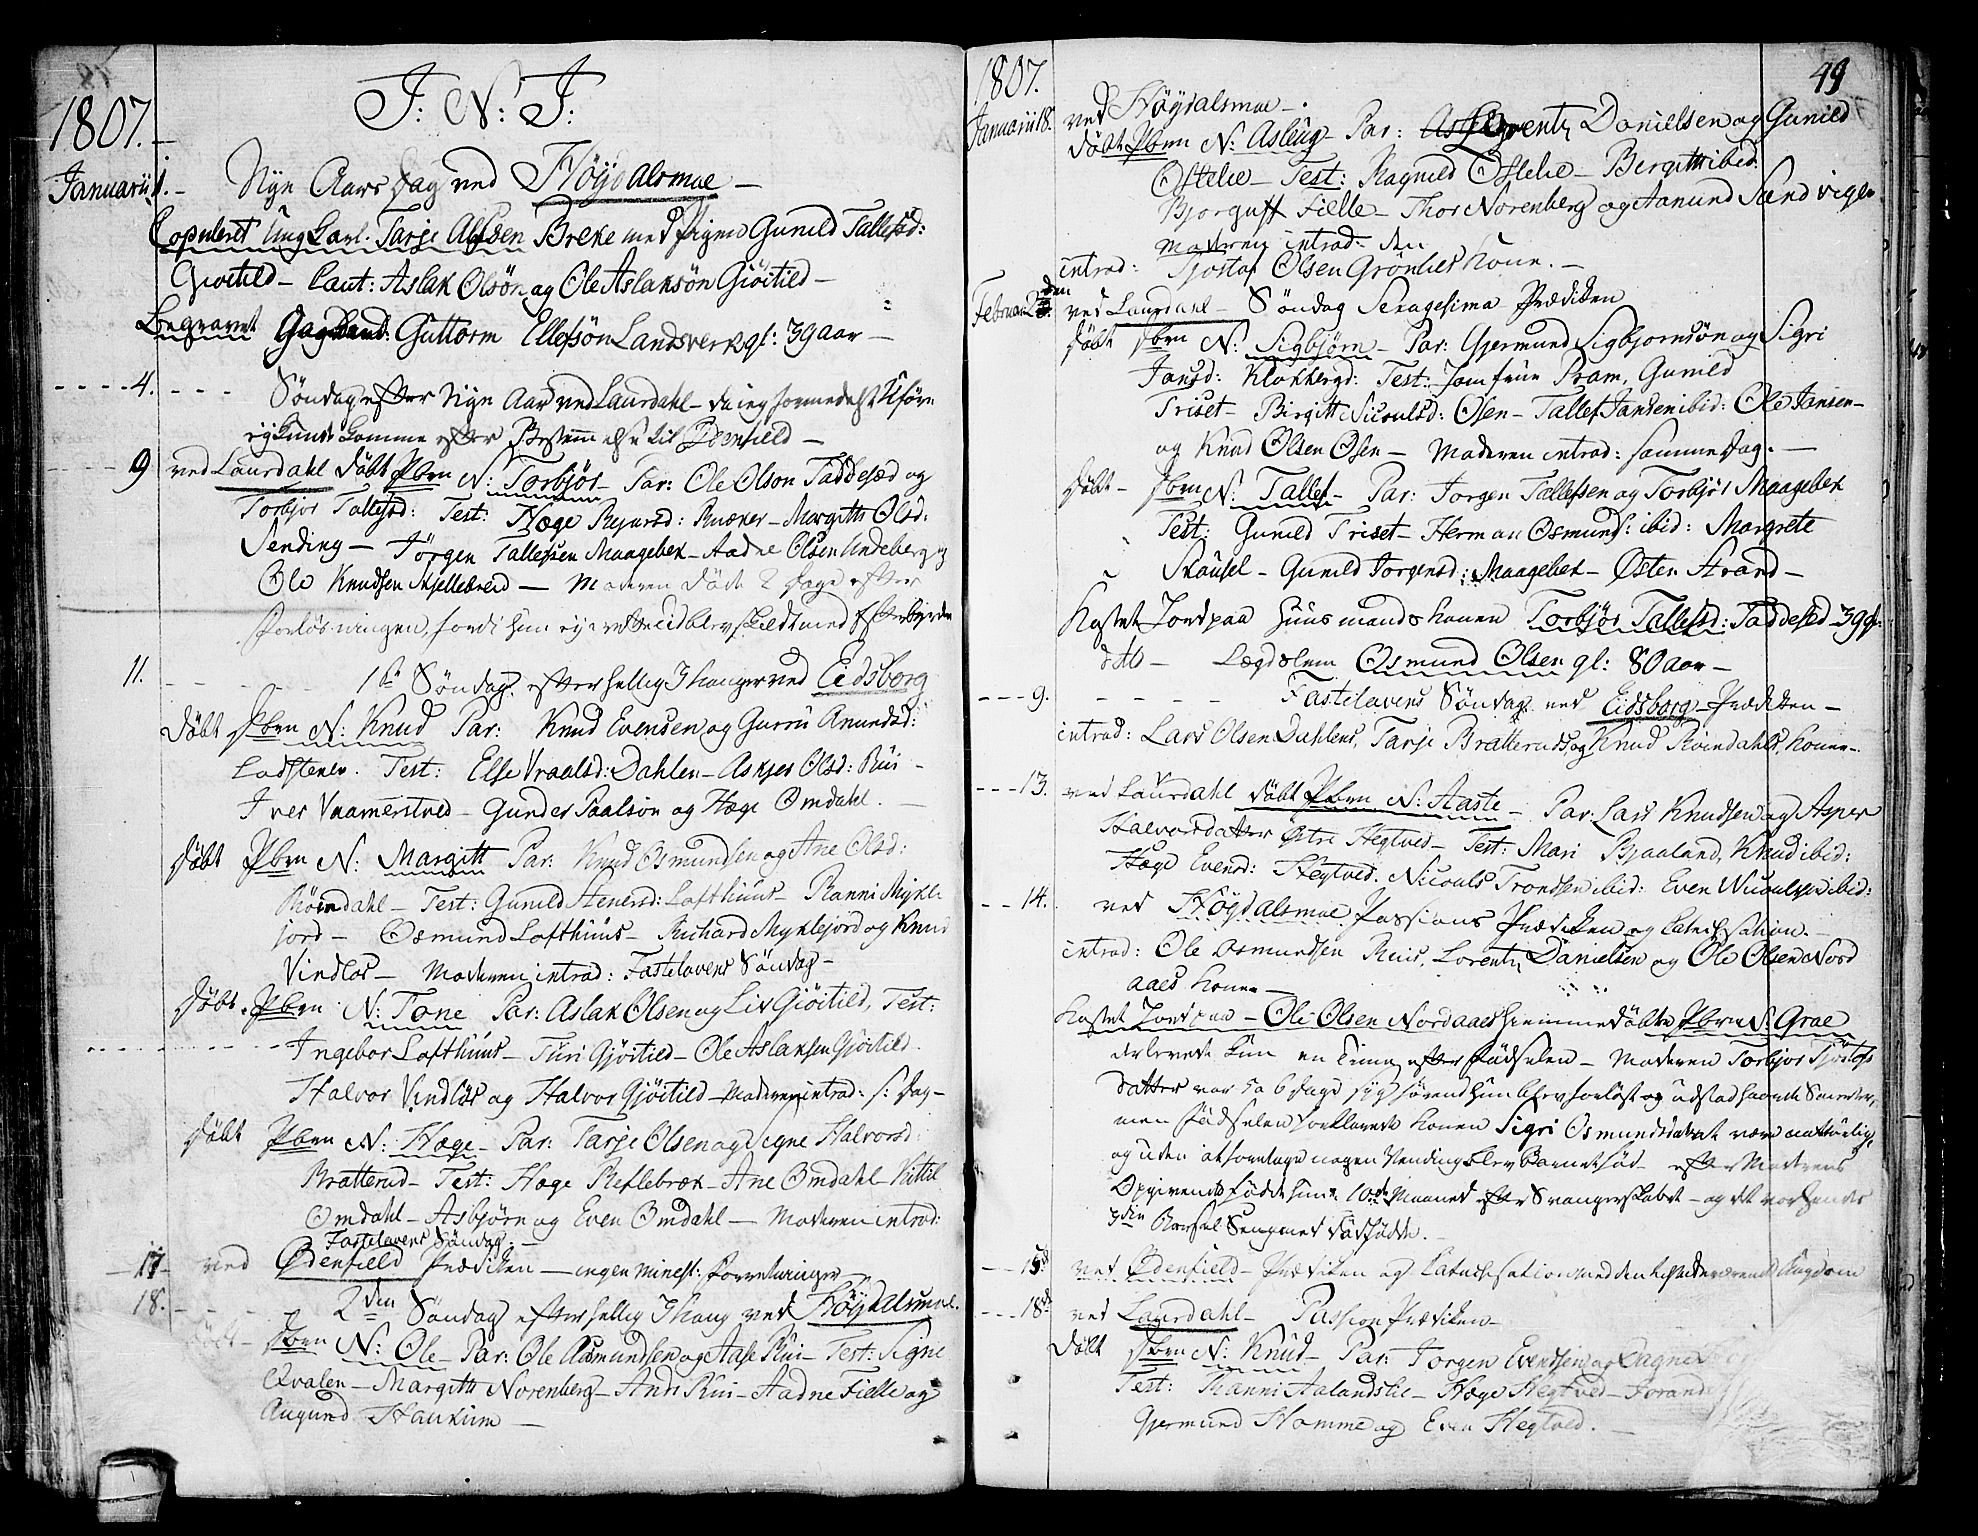 SAKO, Lårdal kirkebøker, F/Fa/L0004: Ministerialbok nr. I 4, 1790-1814, s. 49